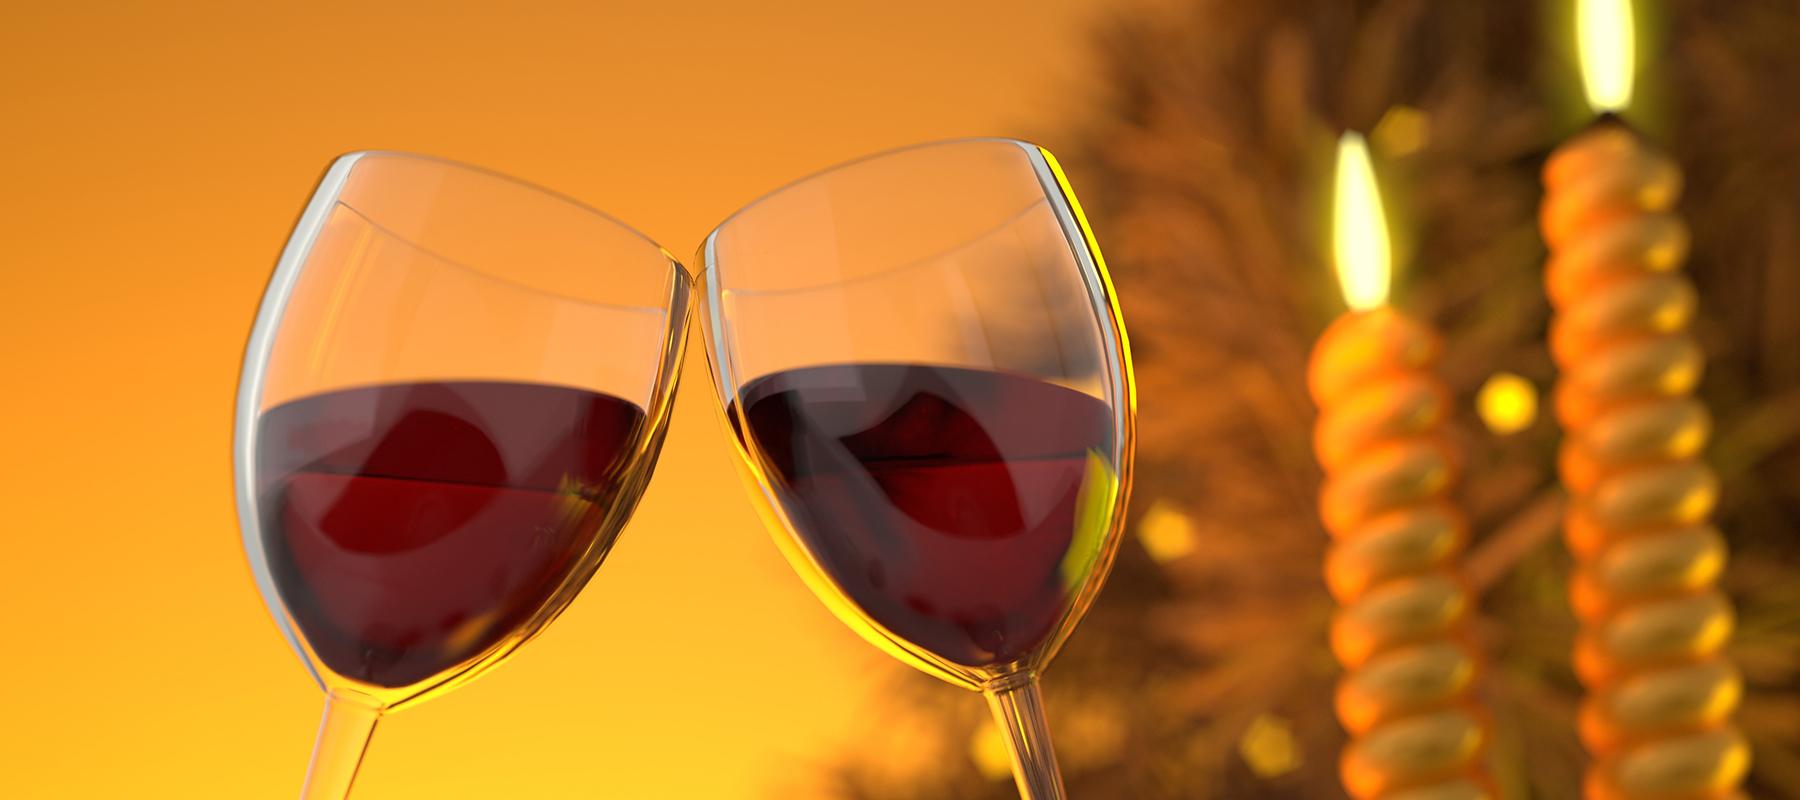 Nous vendons plus de 500 bouteilles de vins dans plusieurs restaurants célèbres au Portugal